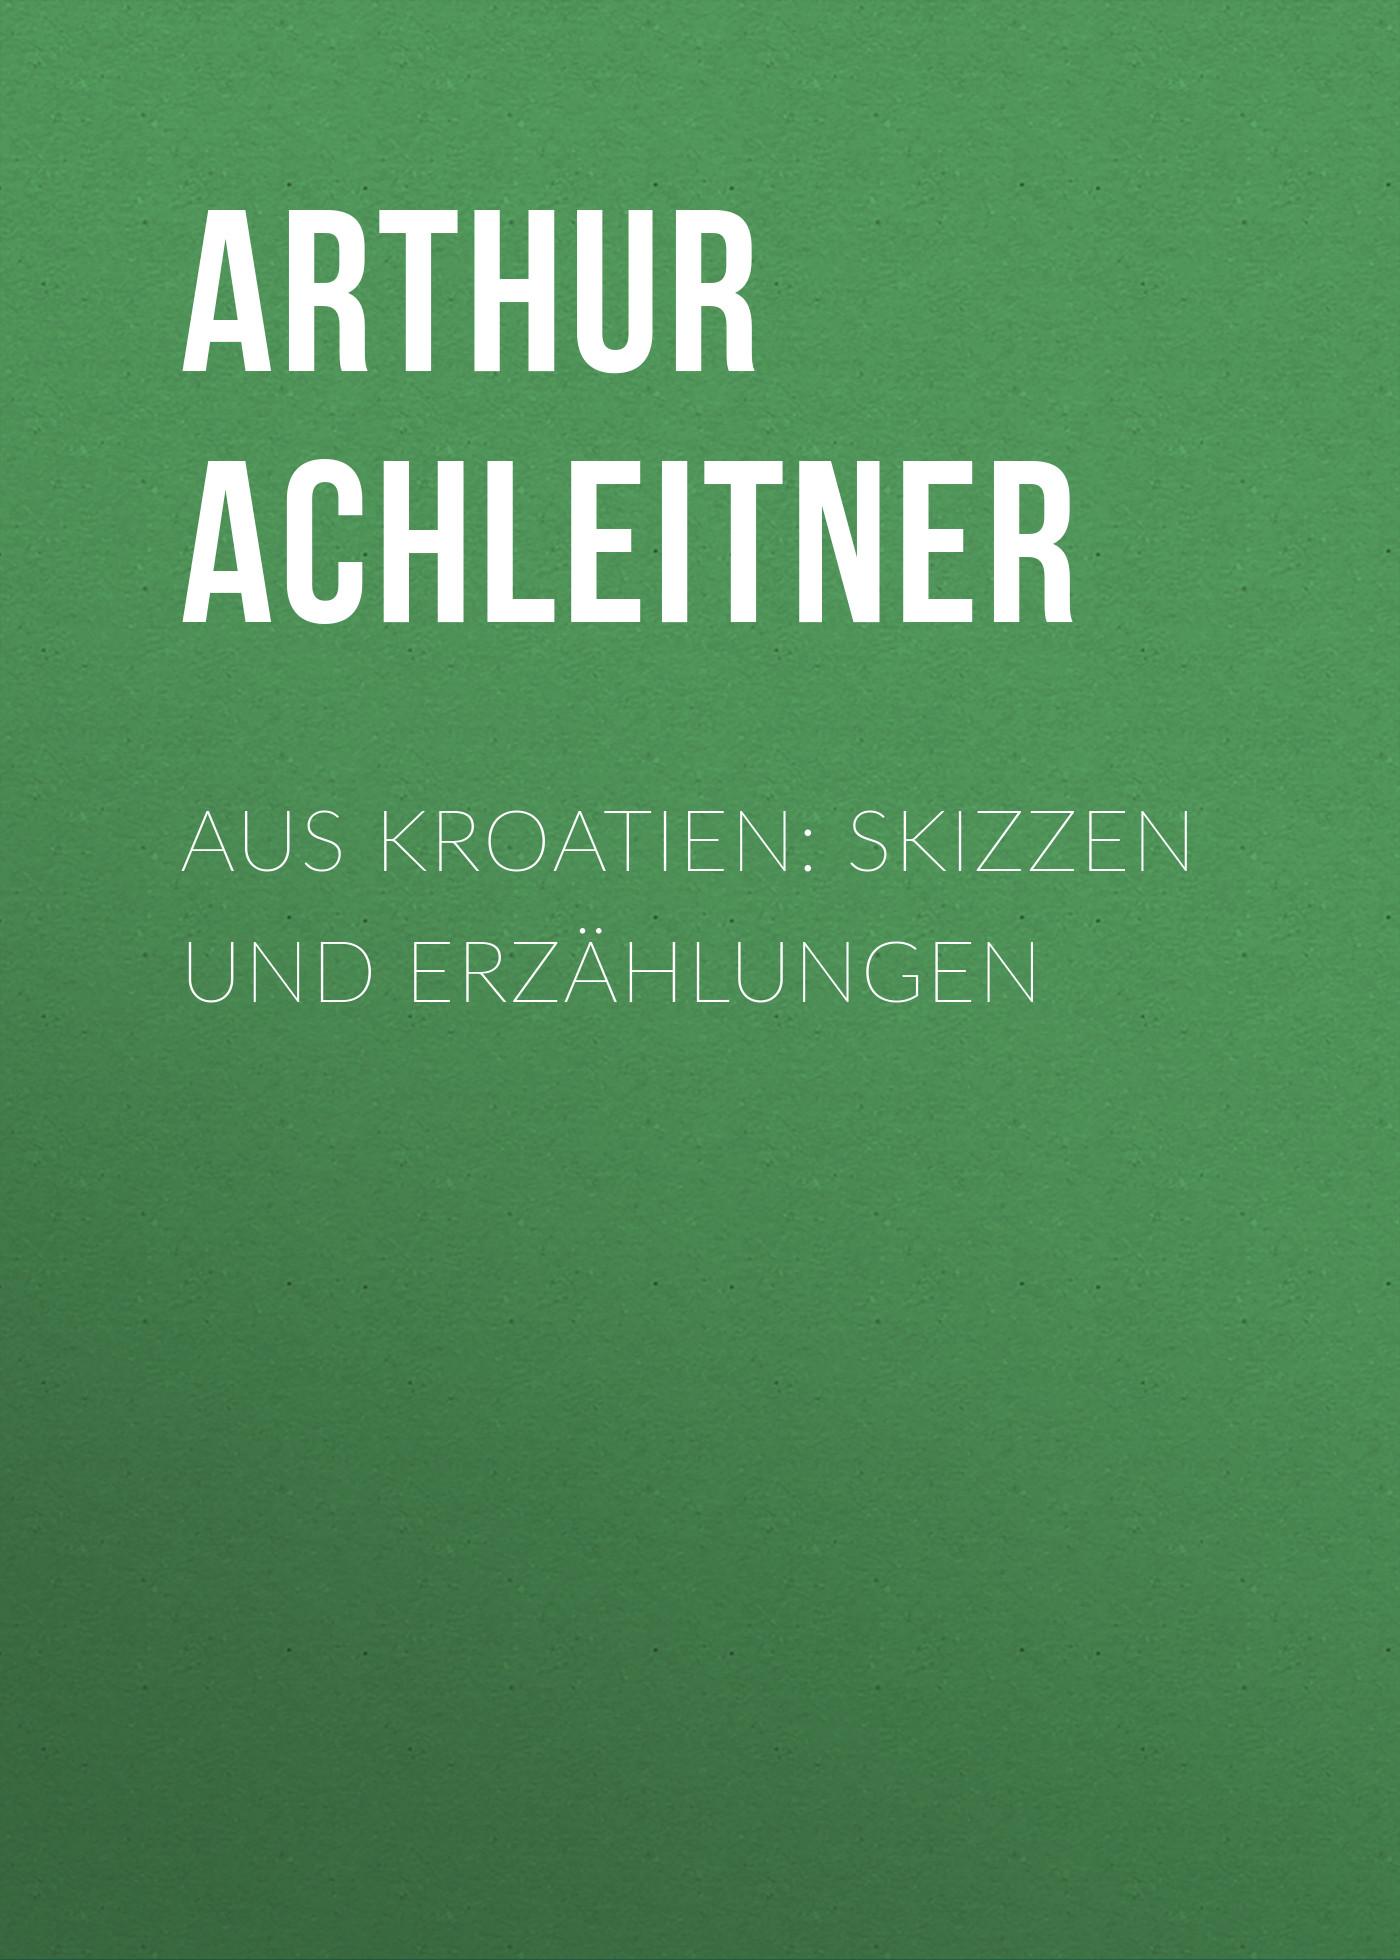 Arthur Achleitner Aus Kroatien: Skizzen und Erzählungen arthur achleitner aus kroatien